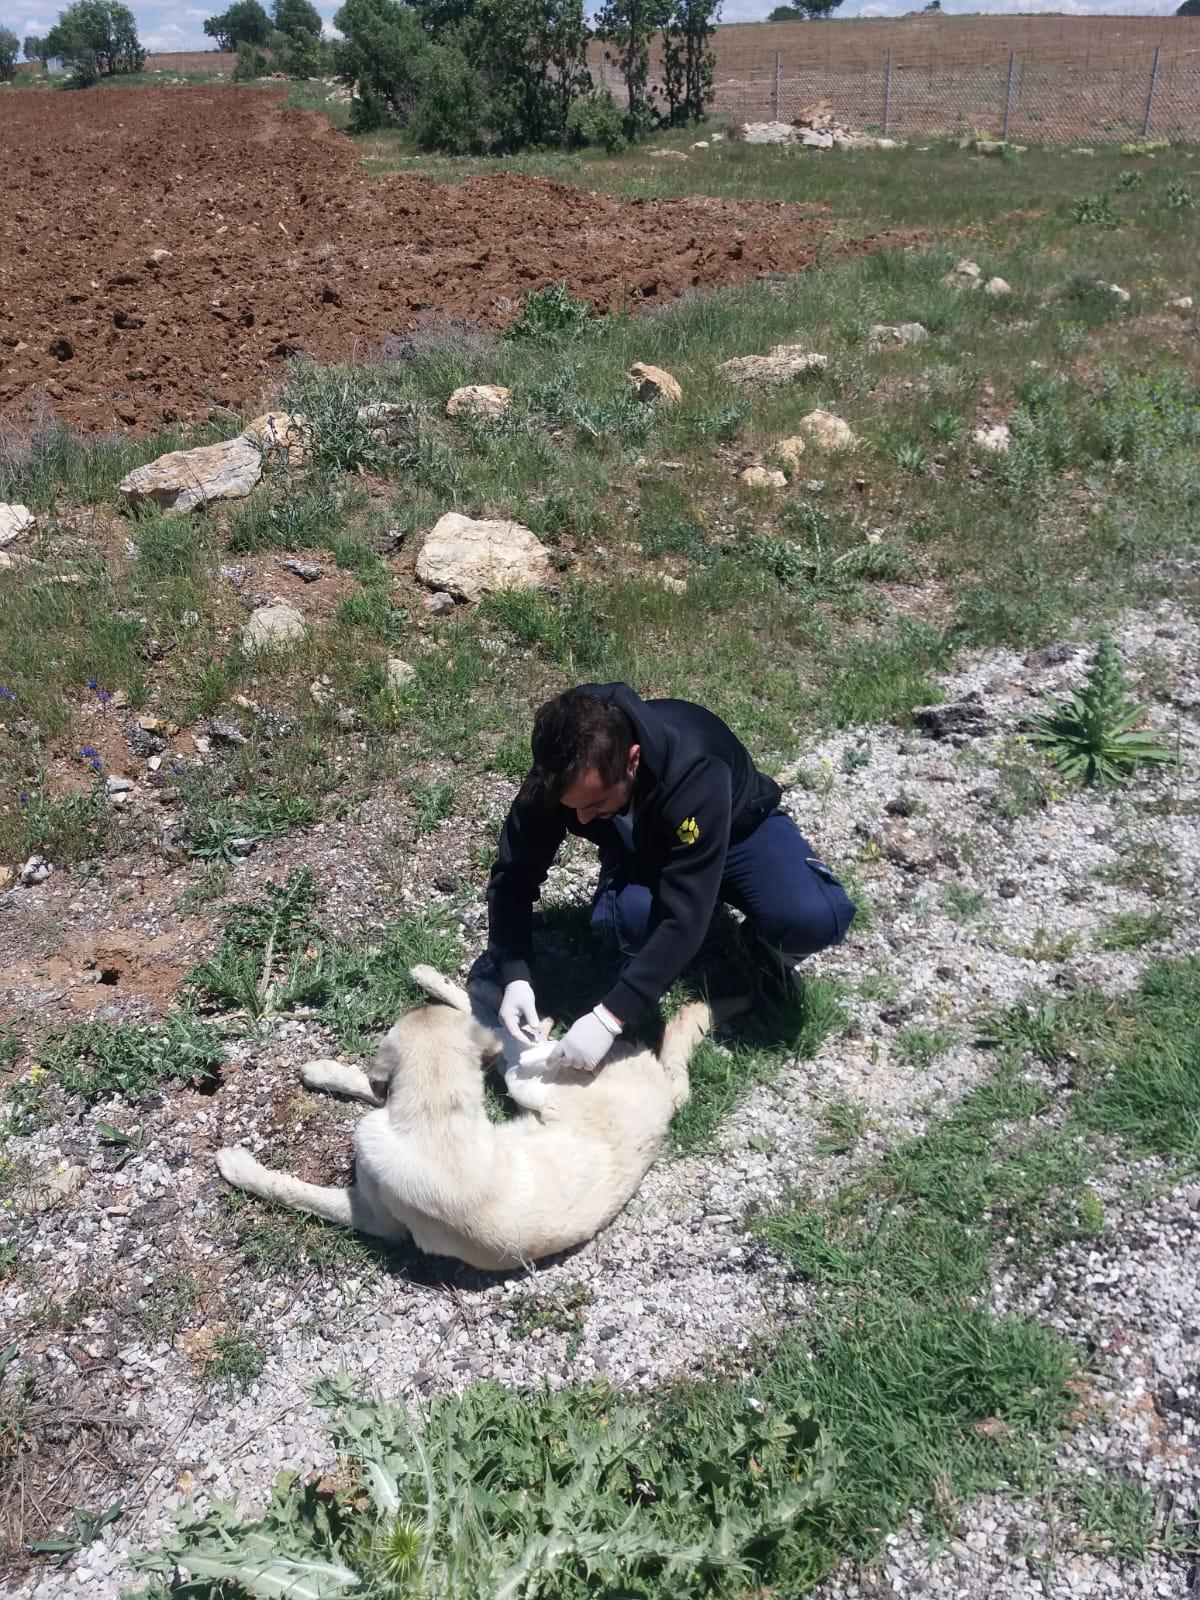 köpeğe ilk yardım